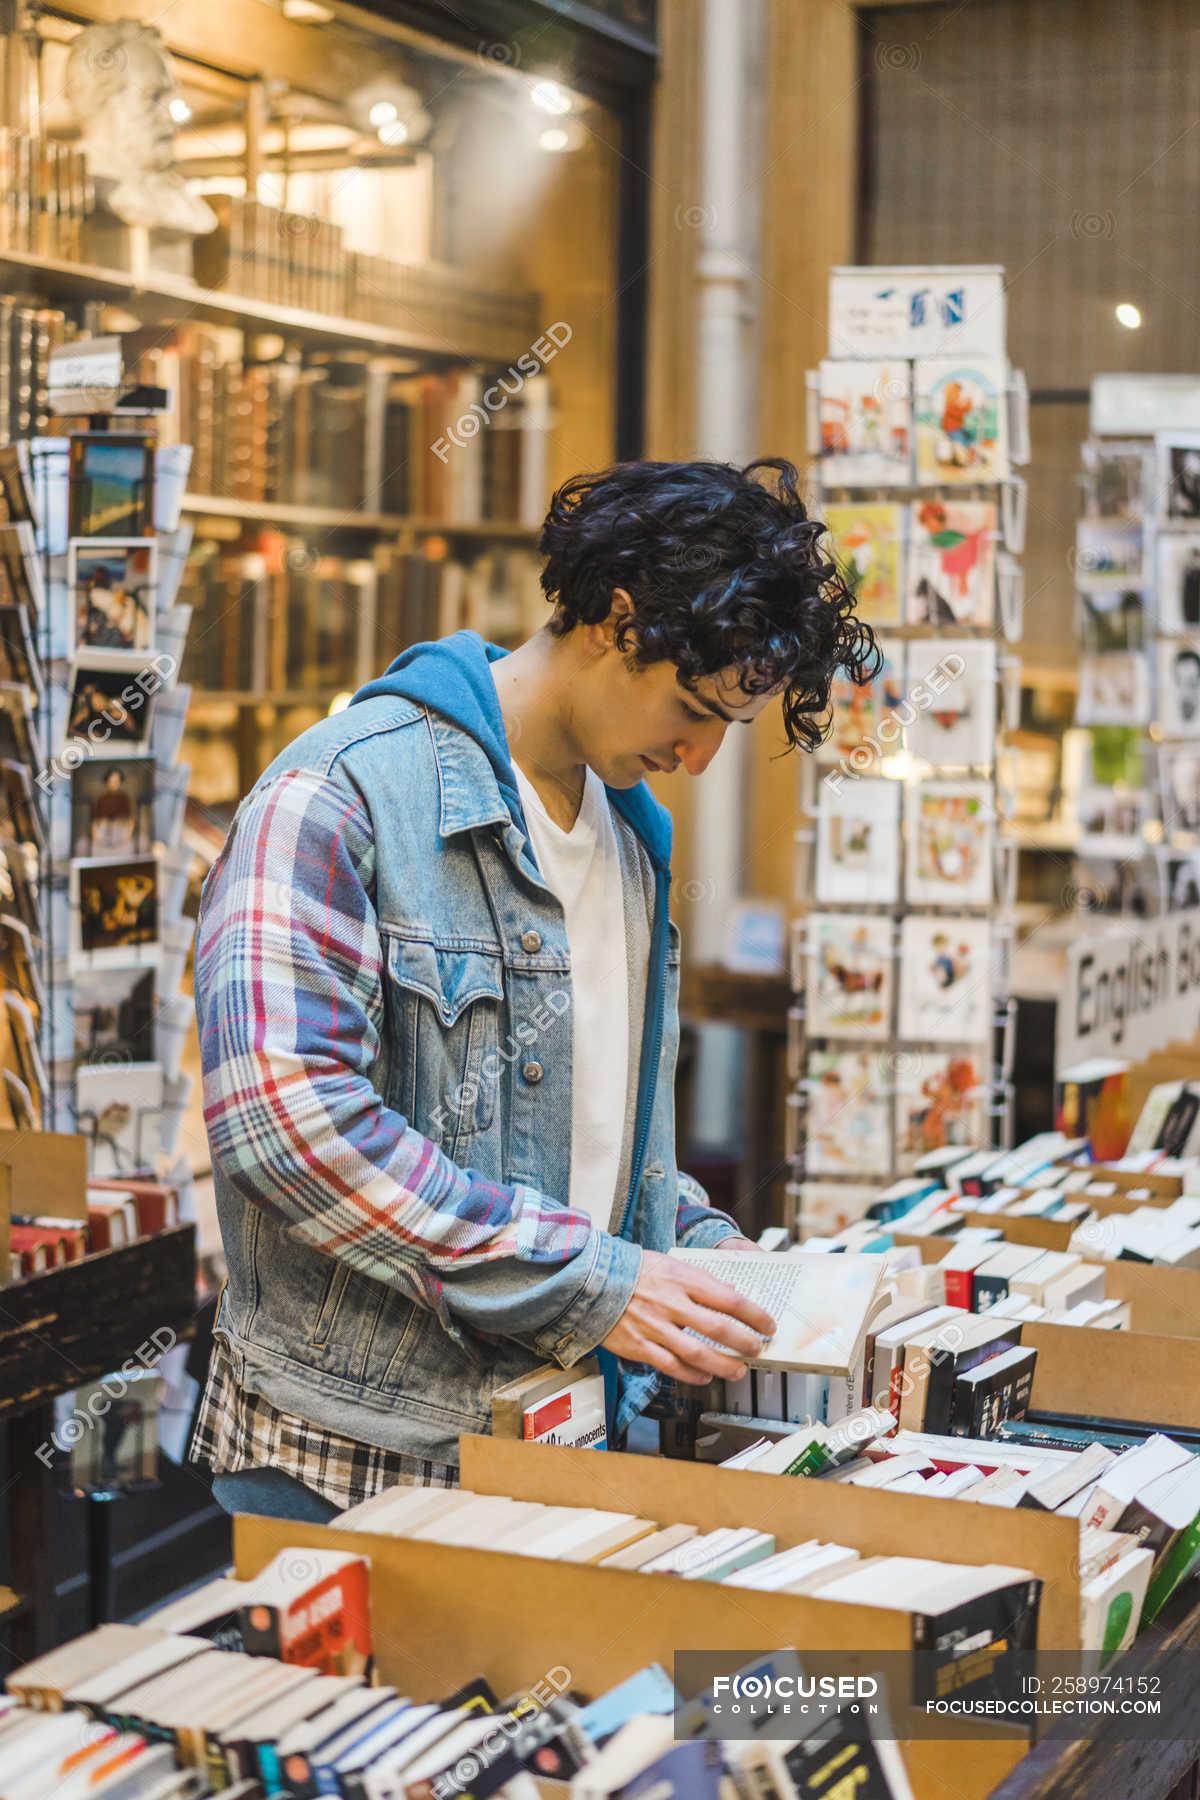 почему нельзя фотографировать в книжных магазинах